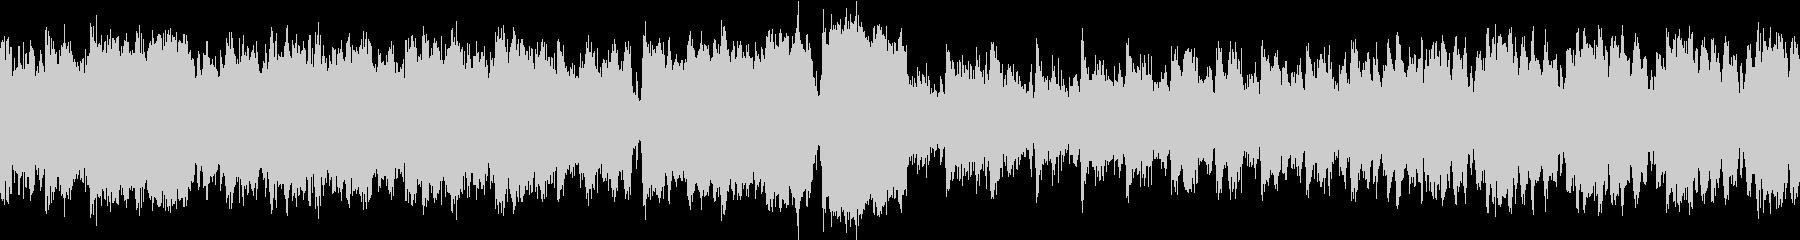 行進曲 勇ましい 高音質ver ループ1の未再生の波形